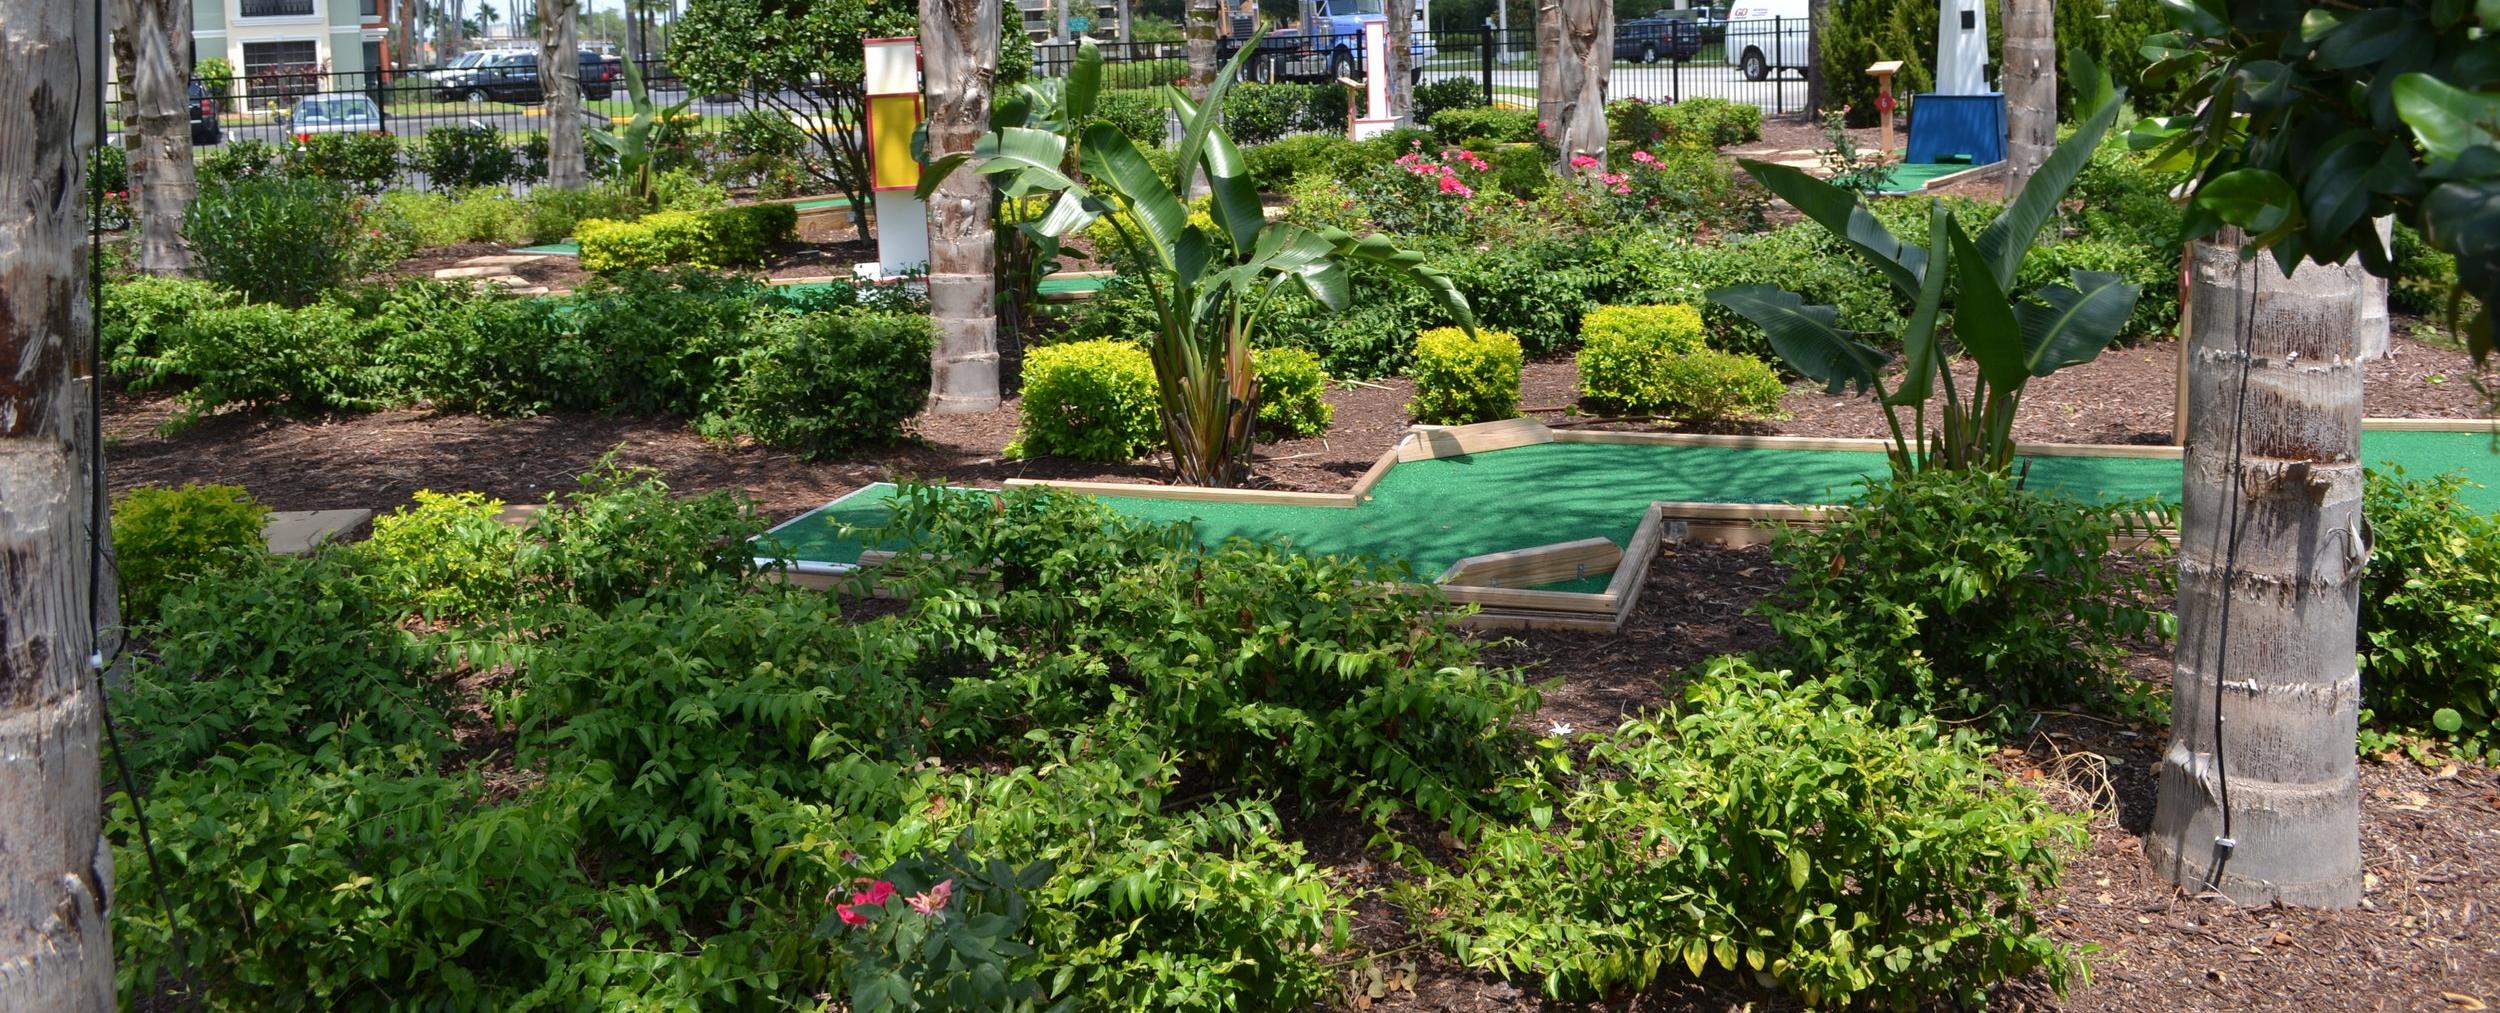 Legacy Resorts - Putting Green